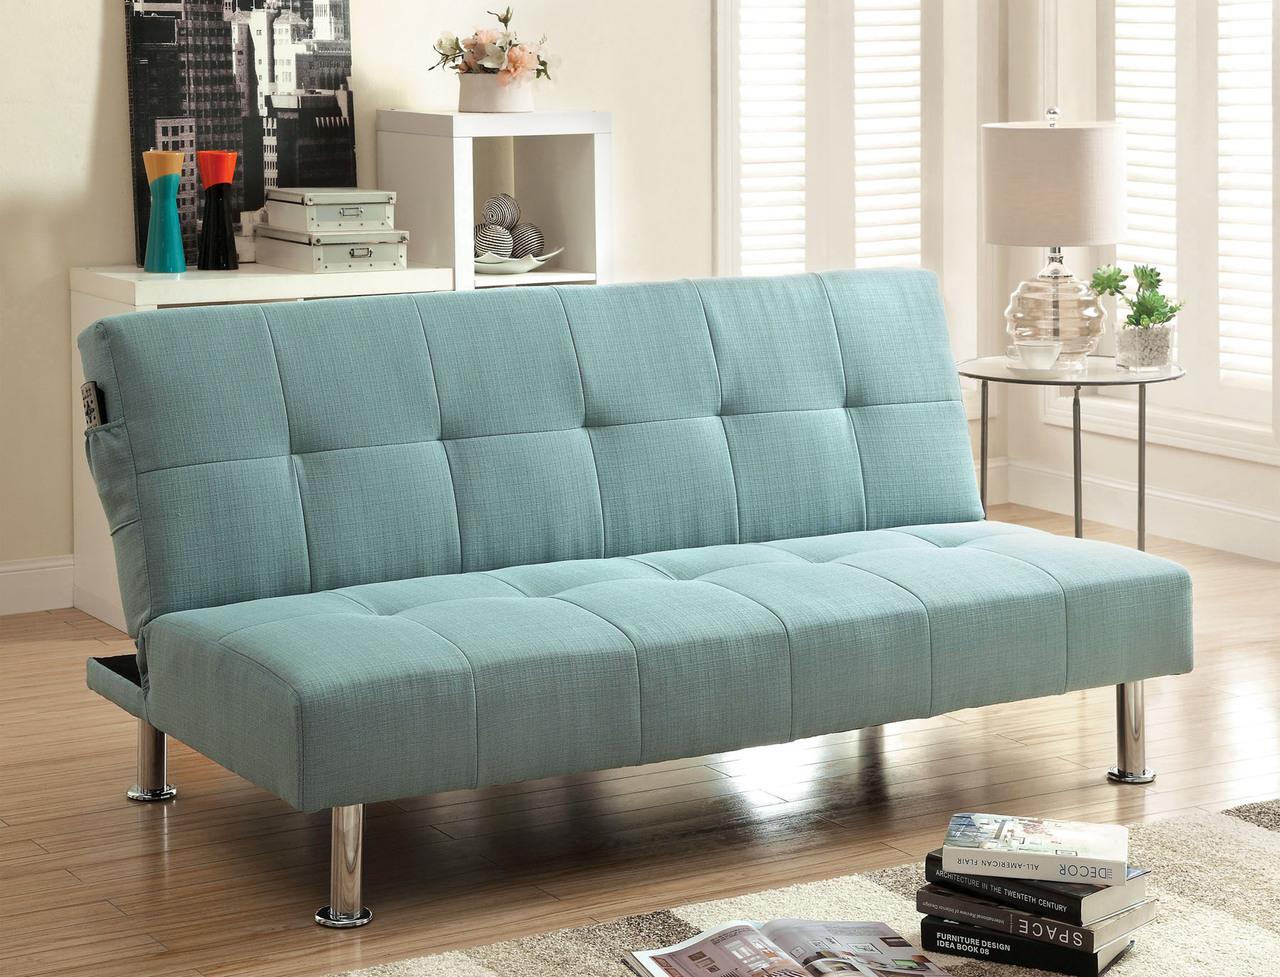 virtuemart_product_impdir-cm2679bl-dewey-blue-fabric